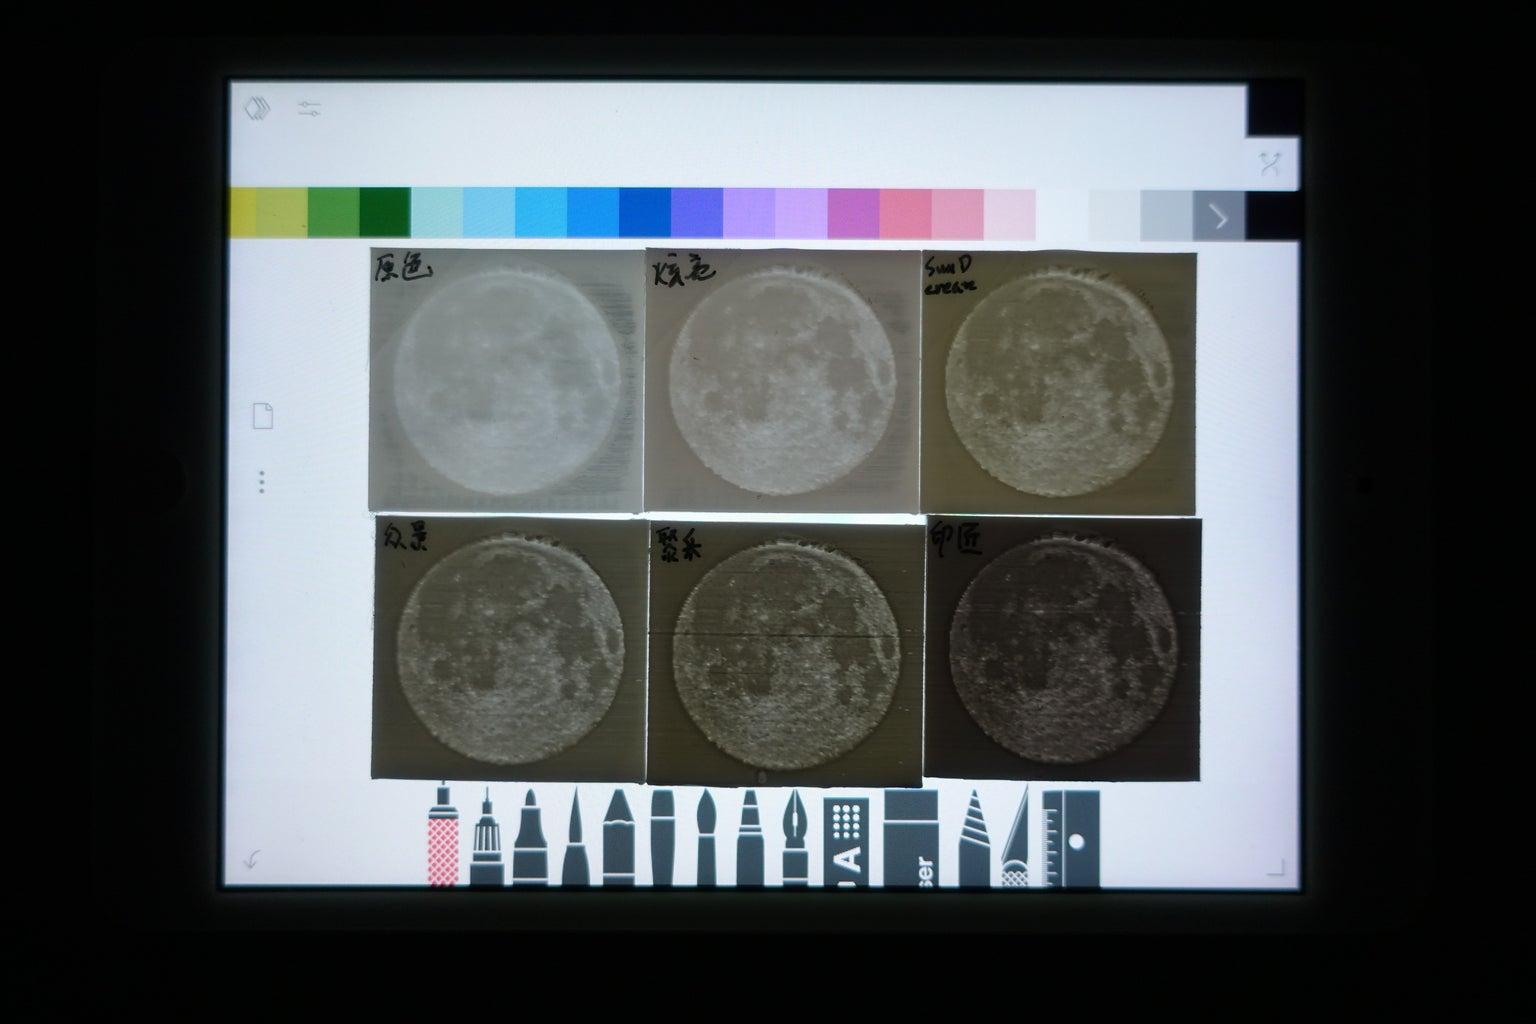 Material Light Transmittance & Color Variance